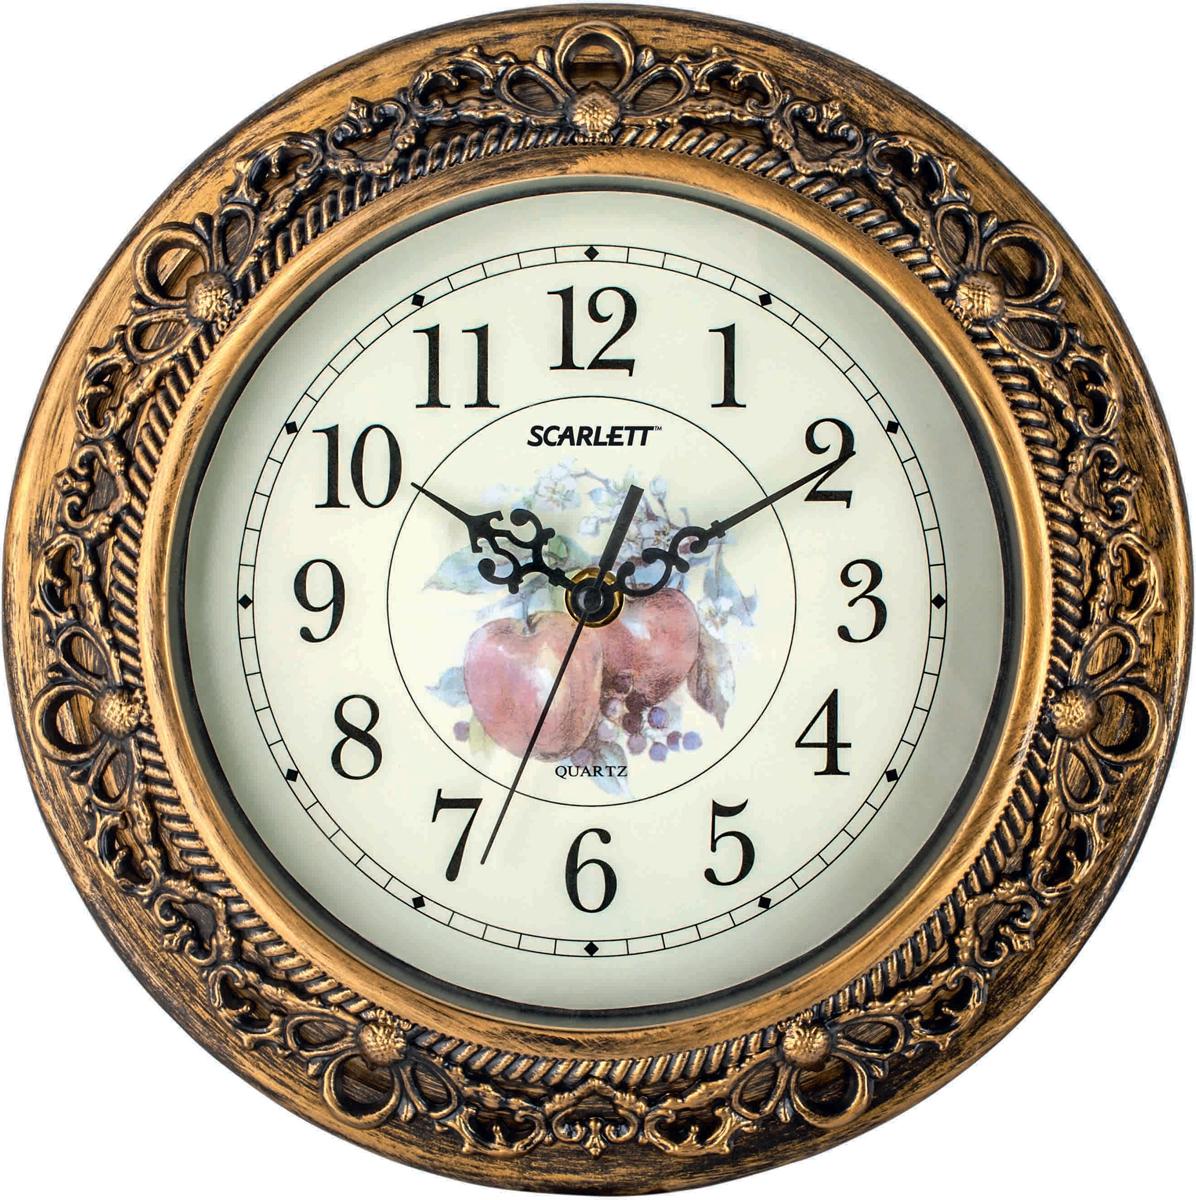 Scarlett SC-25K часы настенныеSC-25KЭлемент питания: тип АА 1.5V Период работы от одного элемента: 12 месяцев Относительная влажность помещения от 30% до 80% Температура: от 1°С до 45°С Плавный ход секундной стрелки